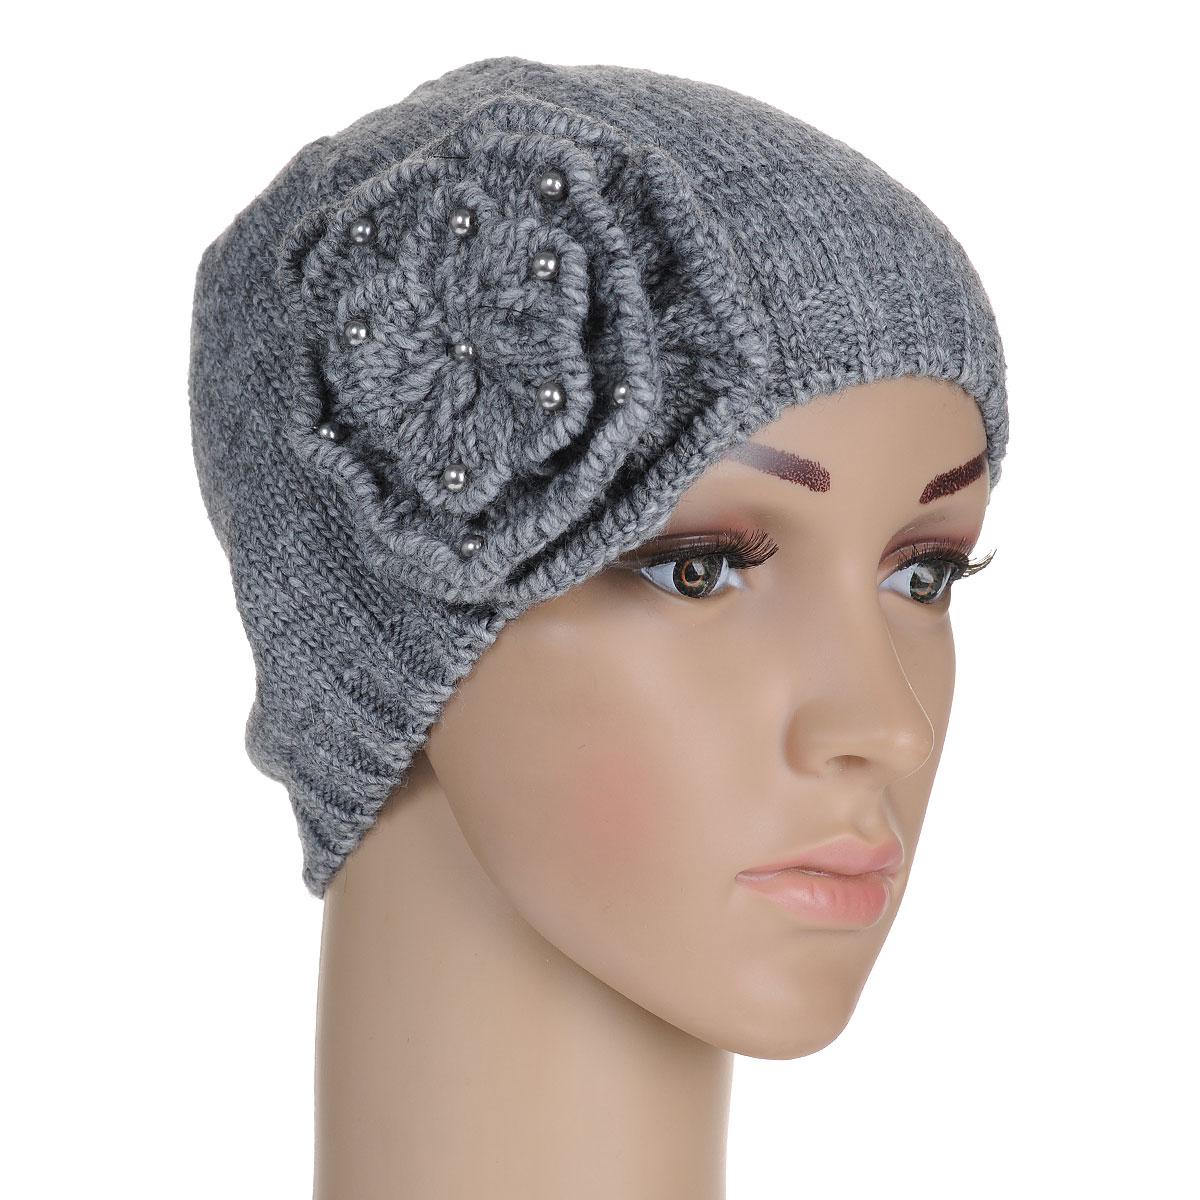 7111S_11 GMСтильная женская шапка Flioraj - теплая модель для холодной погоды. Сочетание различных материалов обеспечивает сохранение тепла и удобную посадку. Модель отлично тянется и оформлена крупным вязаным цветком, украшенным мелкими бусинами. Понизу шапка связана крупной резинкой. Flioraj - комфортная защита от холода.